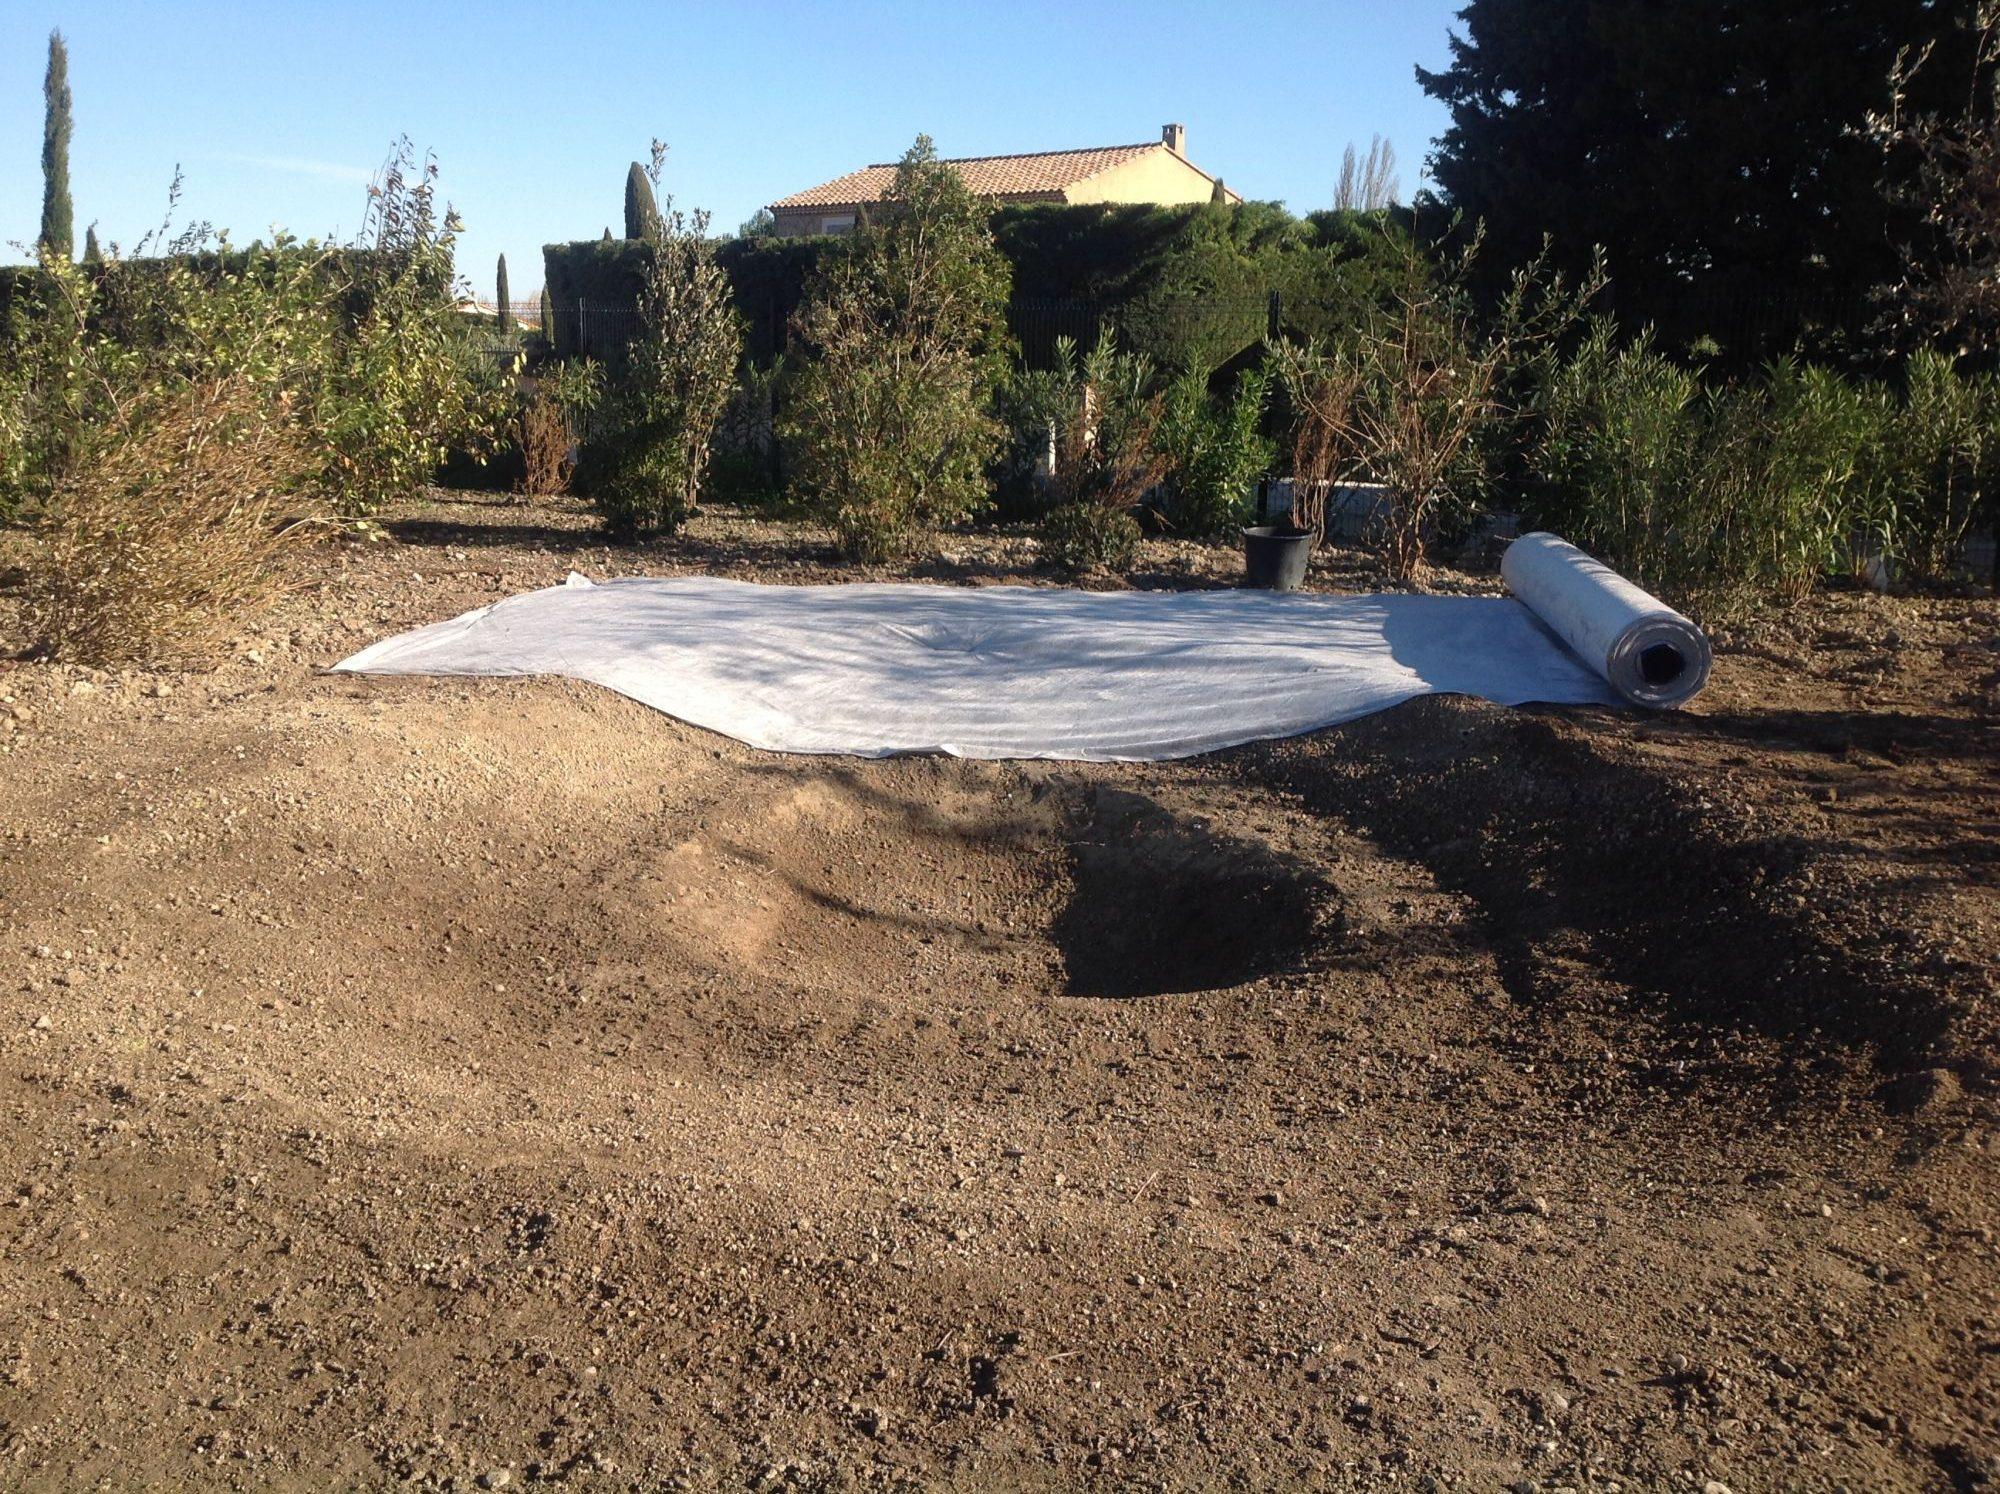 Mise en place des courbes et formes du bassin avec poche de survie du bassin